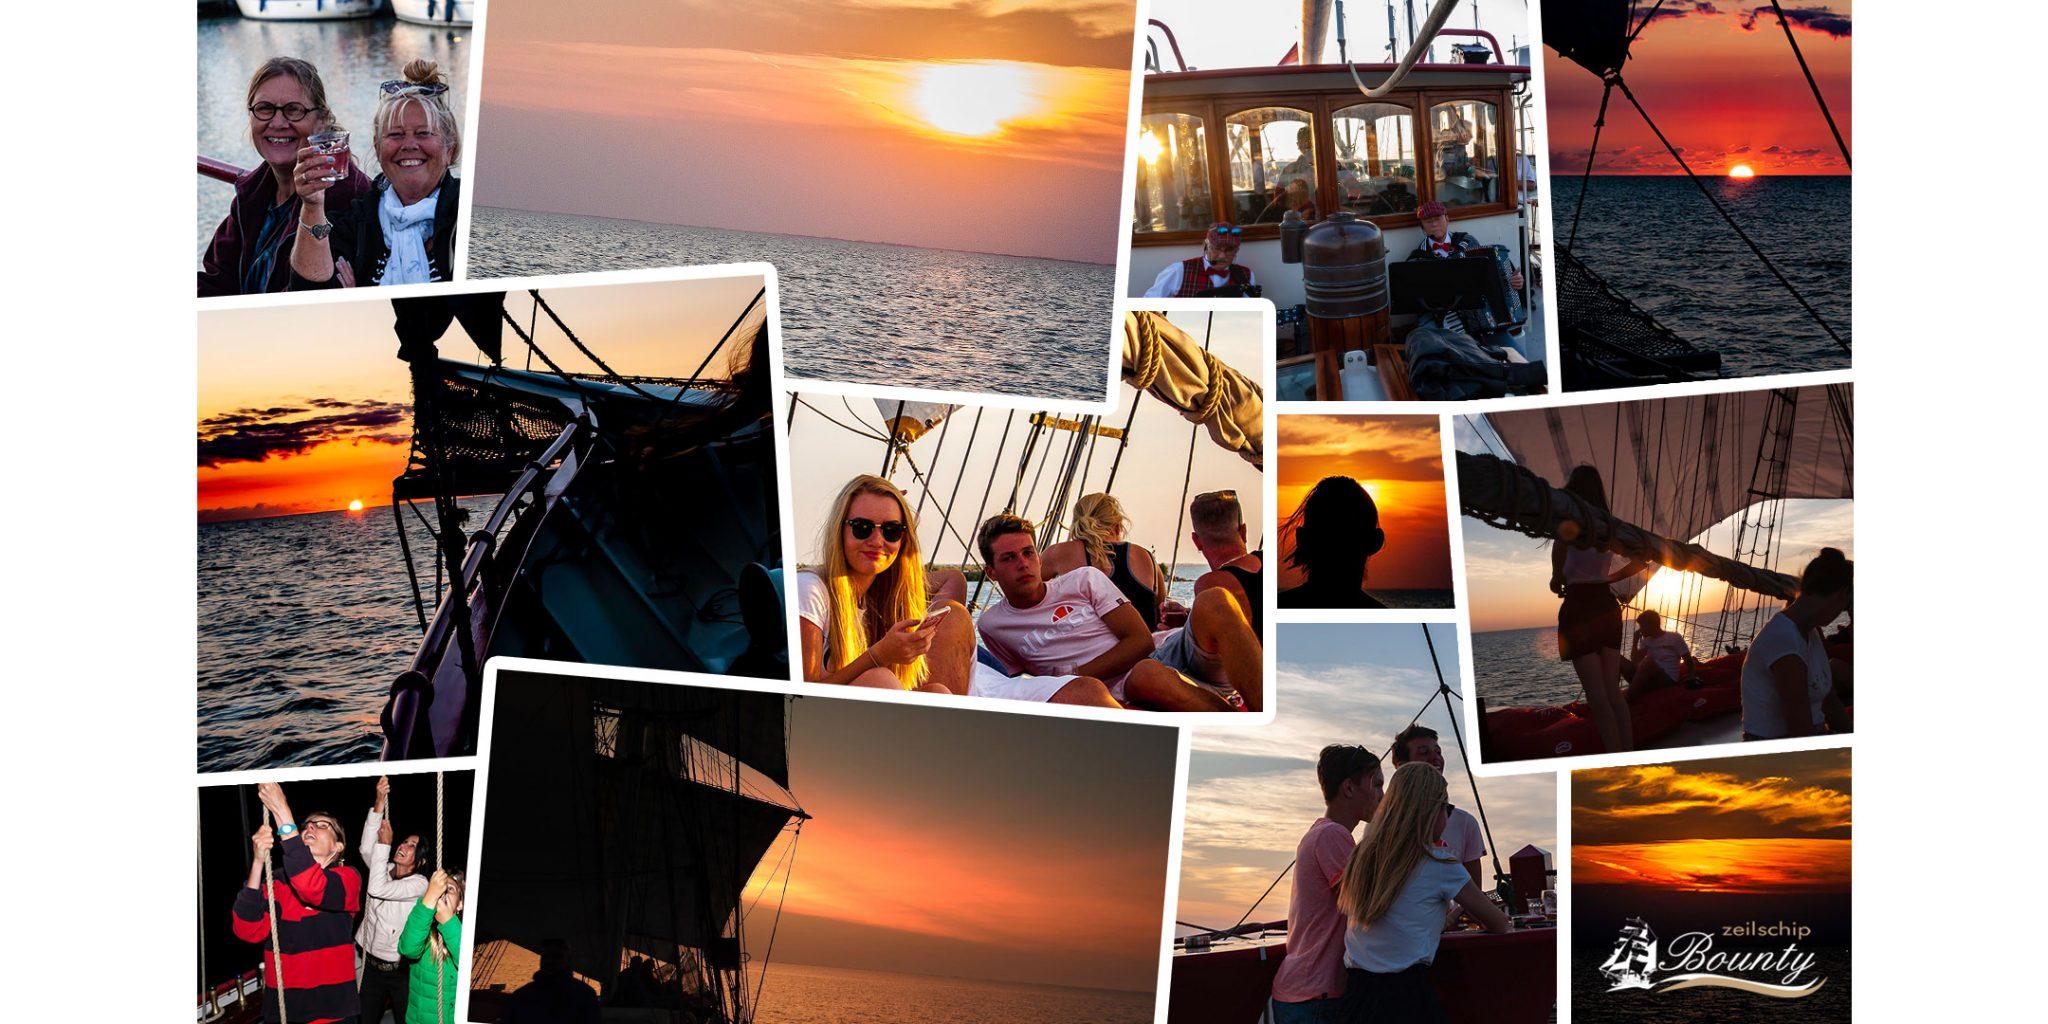 zeilschipbounty collage sunset cruise